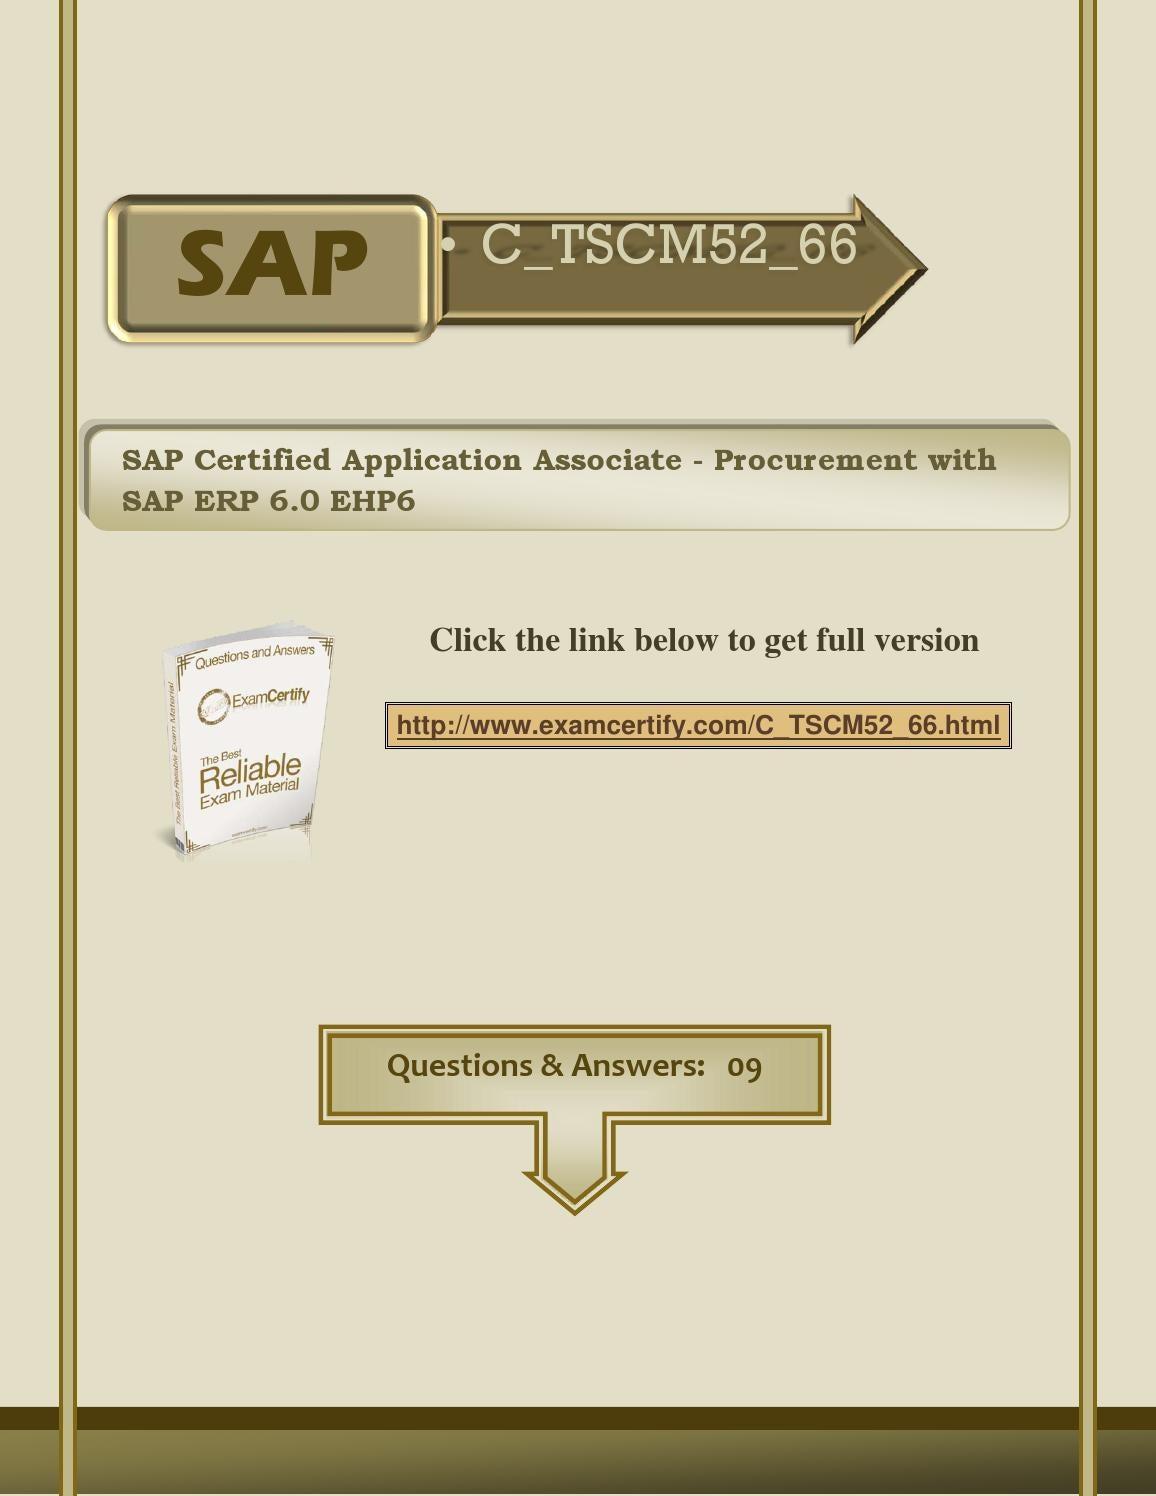 sap certified application associate procurement with sap erp 6.0 ehp6